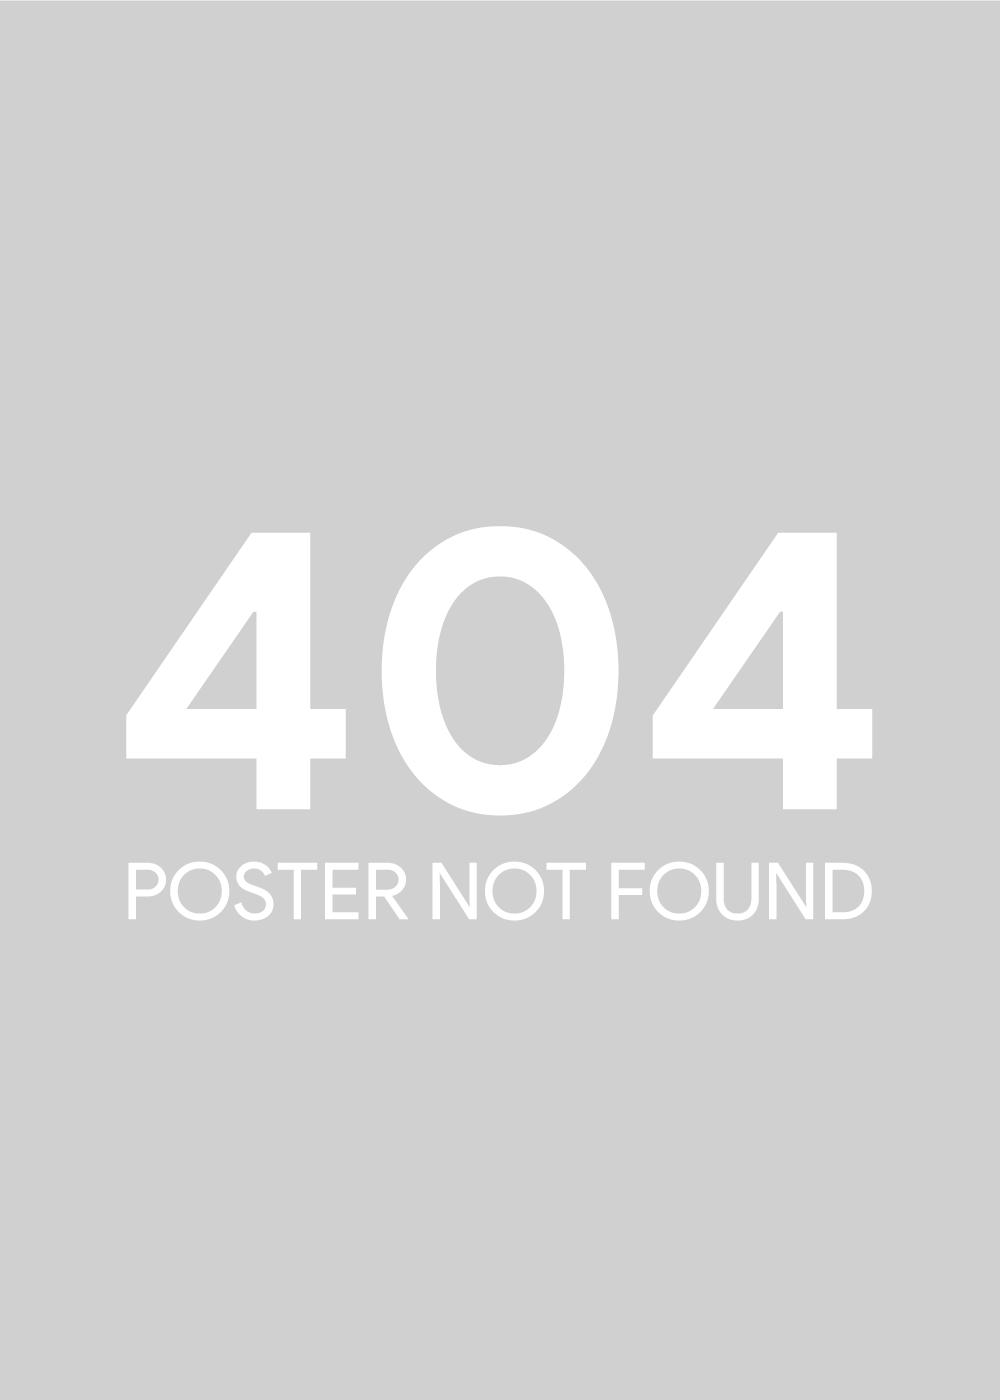 Billede af 404 poster not found plakat